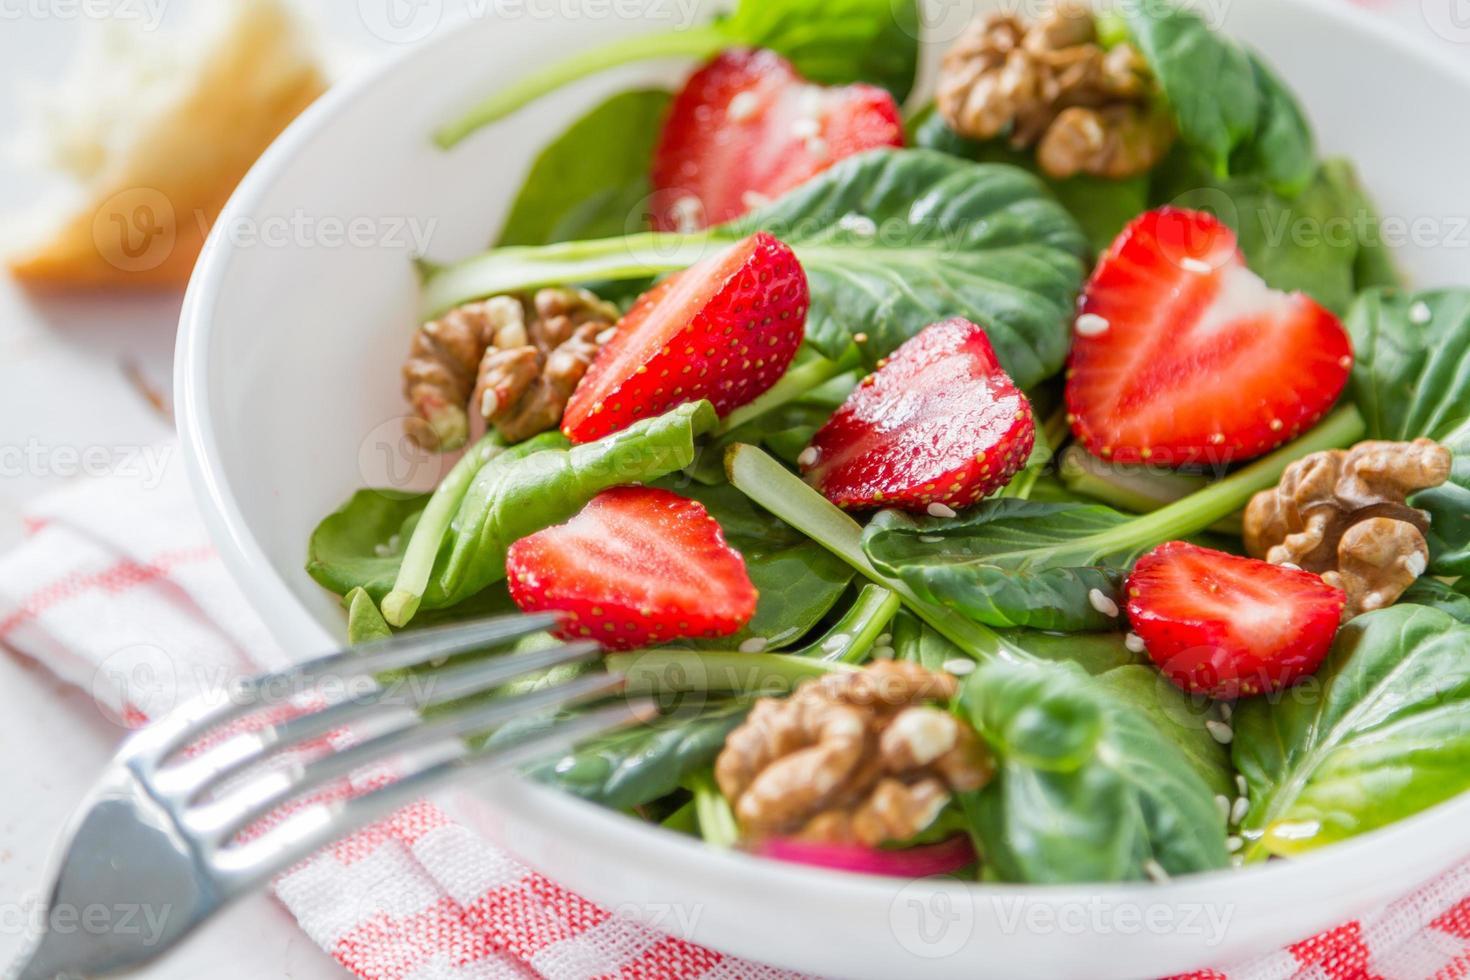 sallad med spenat, jordgubbe, nötter, olja, bröd, rutig servett foto